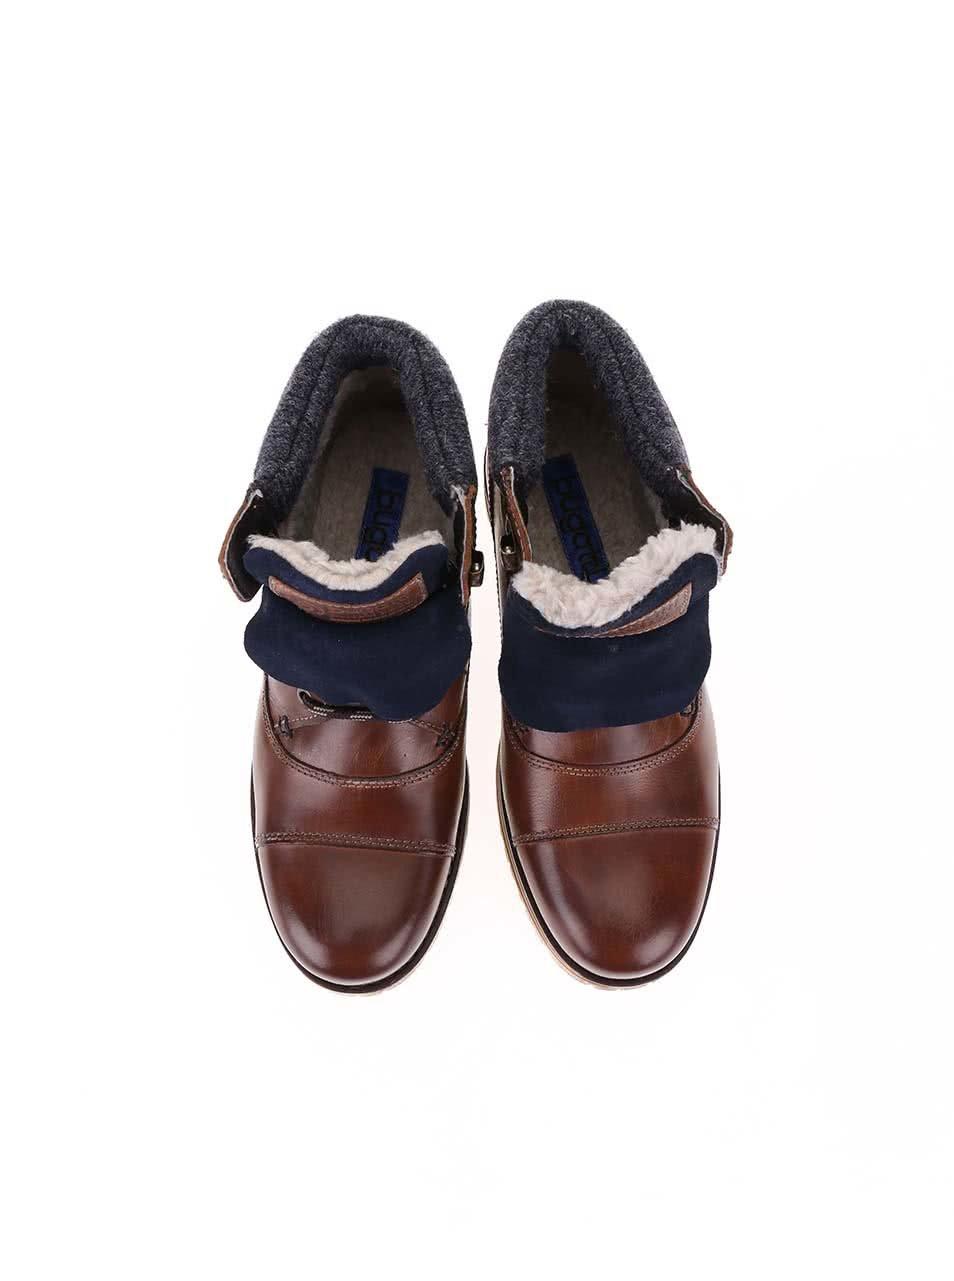 Hnědé pánské kožené kotníkové boty s umělou kožešinou bugatti Fox ... 47b05d6205